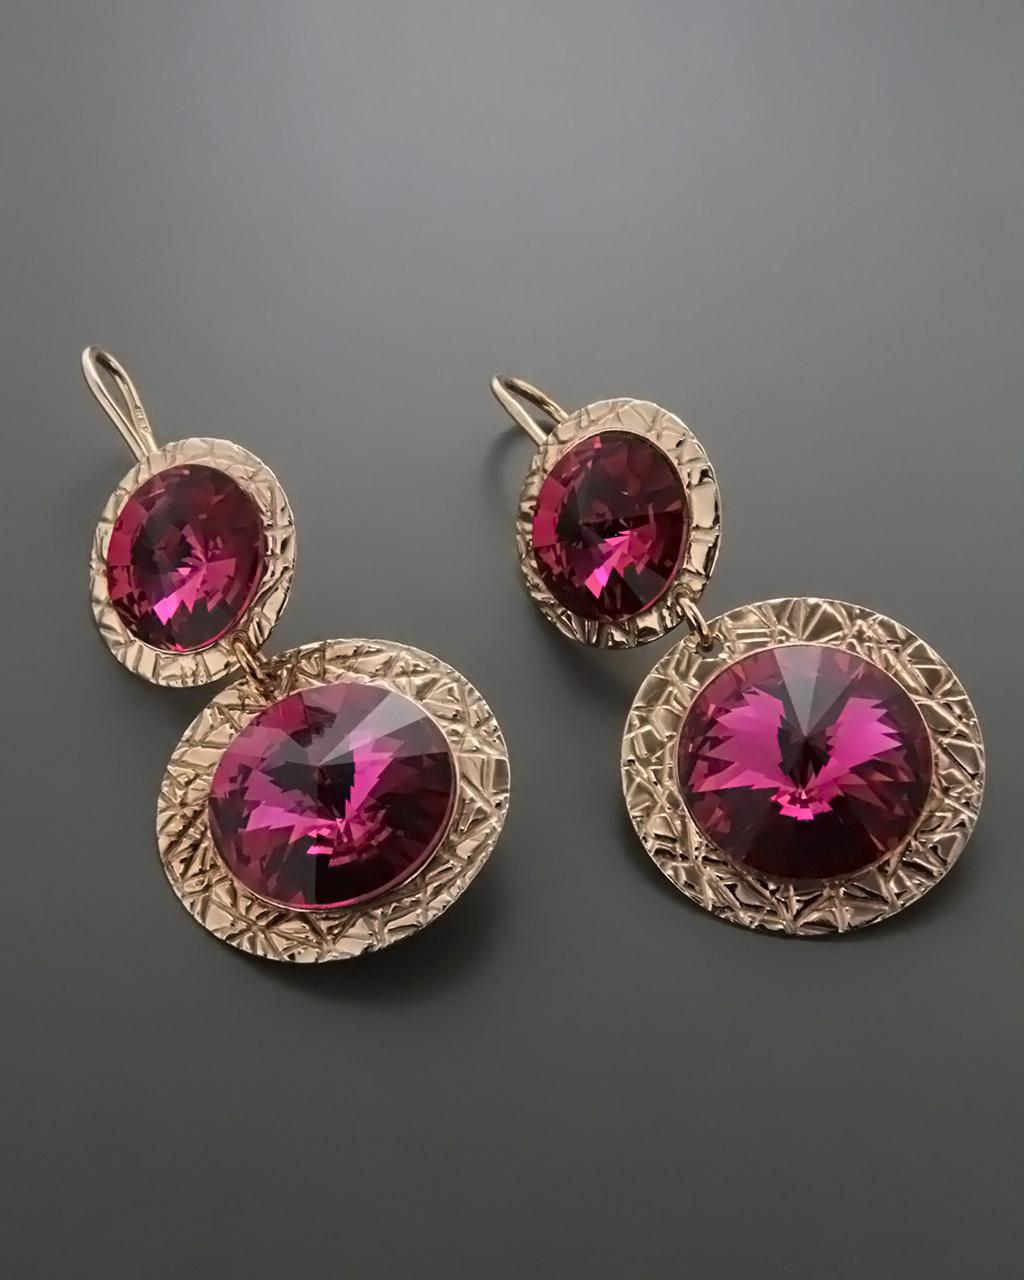 Κρεμαστά Σκουλαρίκια με Swarovski   γυναικα σκουλαρίκια σκουλαρίκια ασημένια